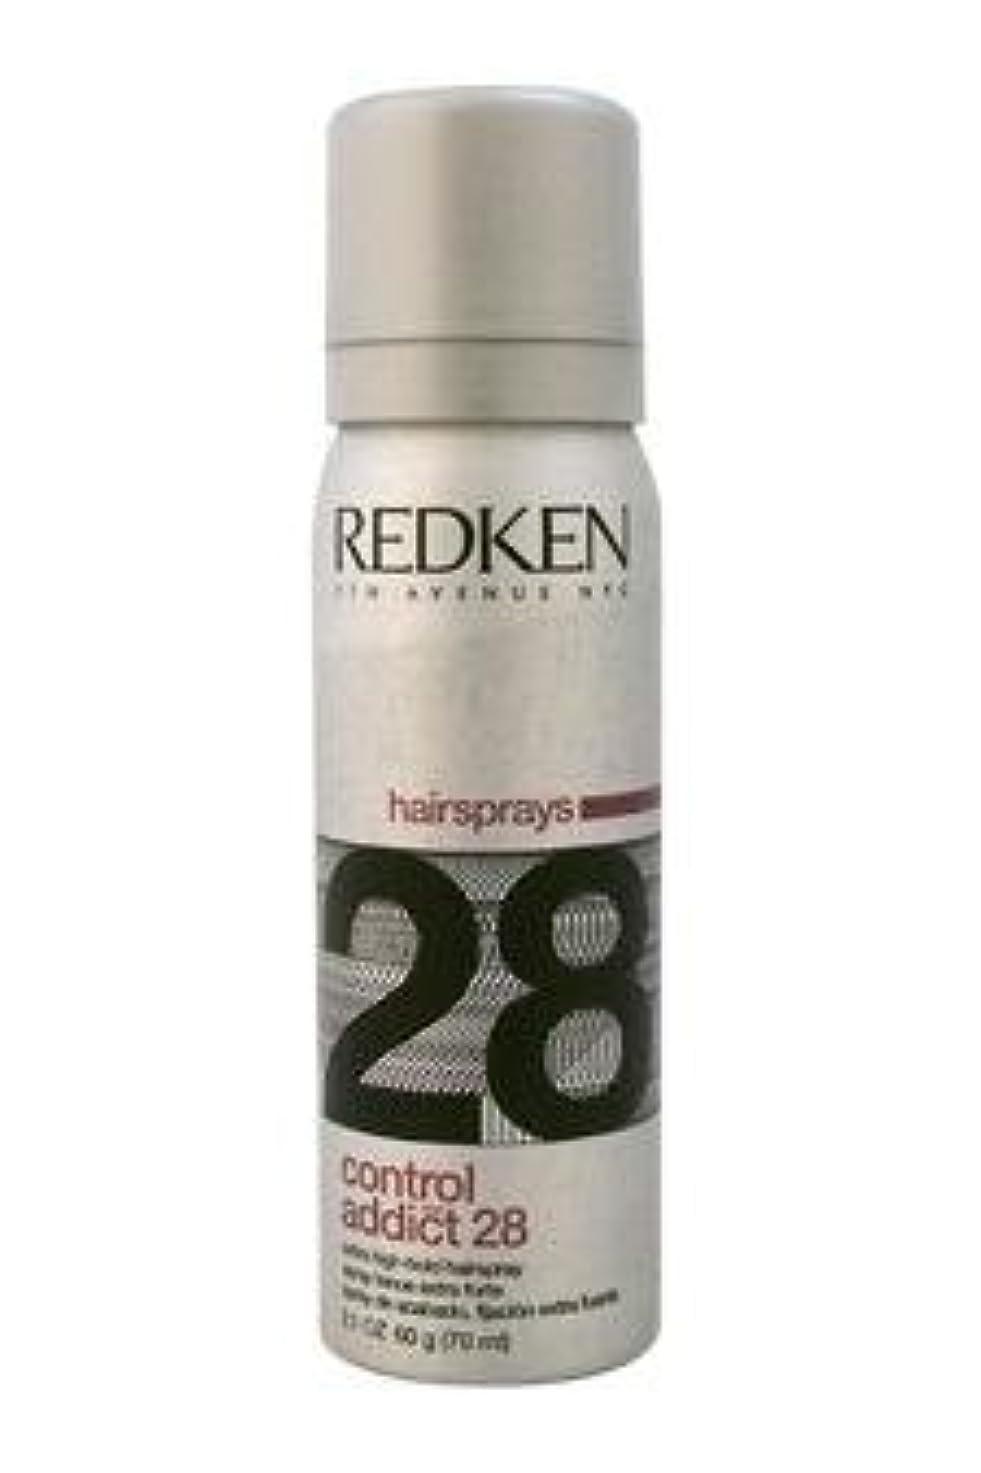 エージェントアイザック請求REDKEN レッドケンコントロールアディクト28 /レッドケンエクストラハイホールド髪2.0オズスプレー(57)ML) 2オンス